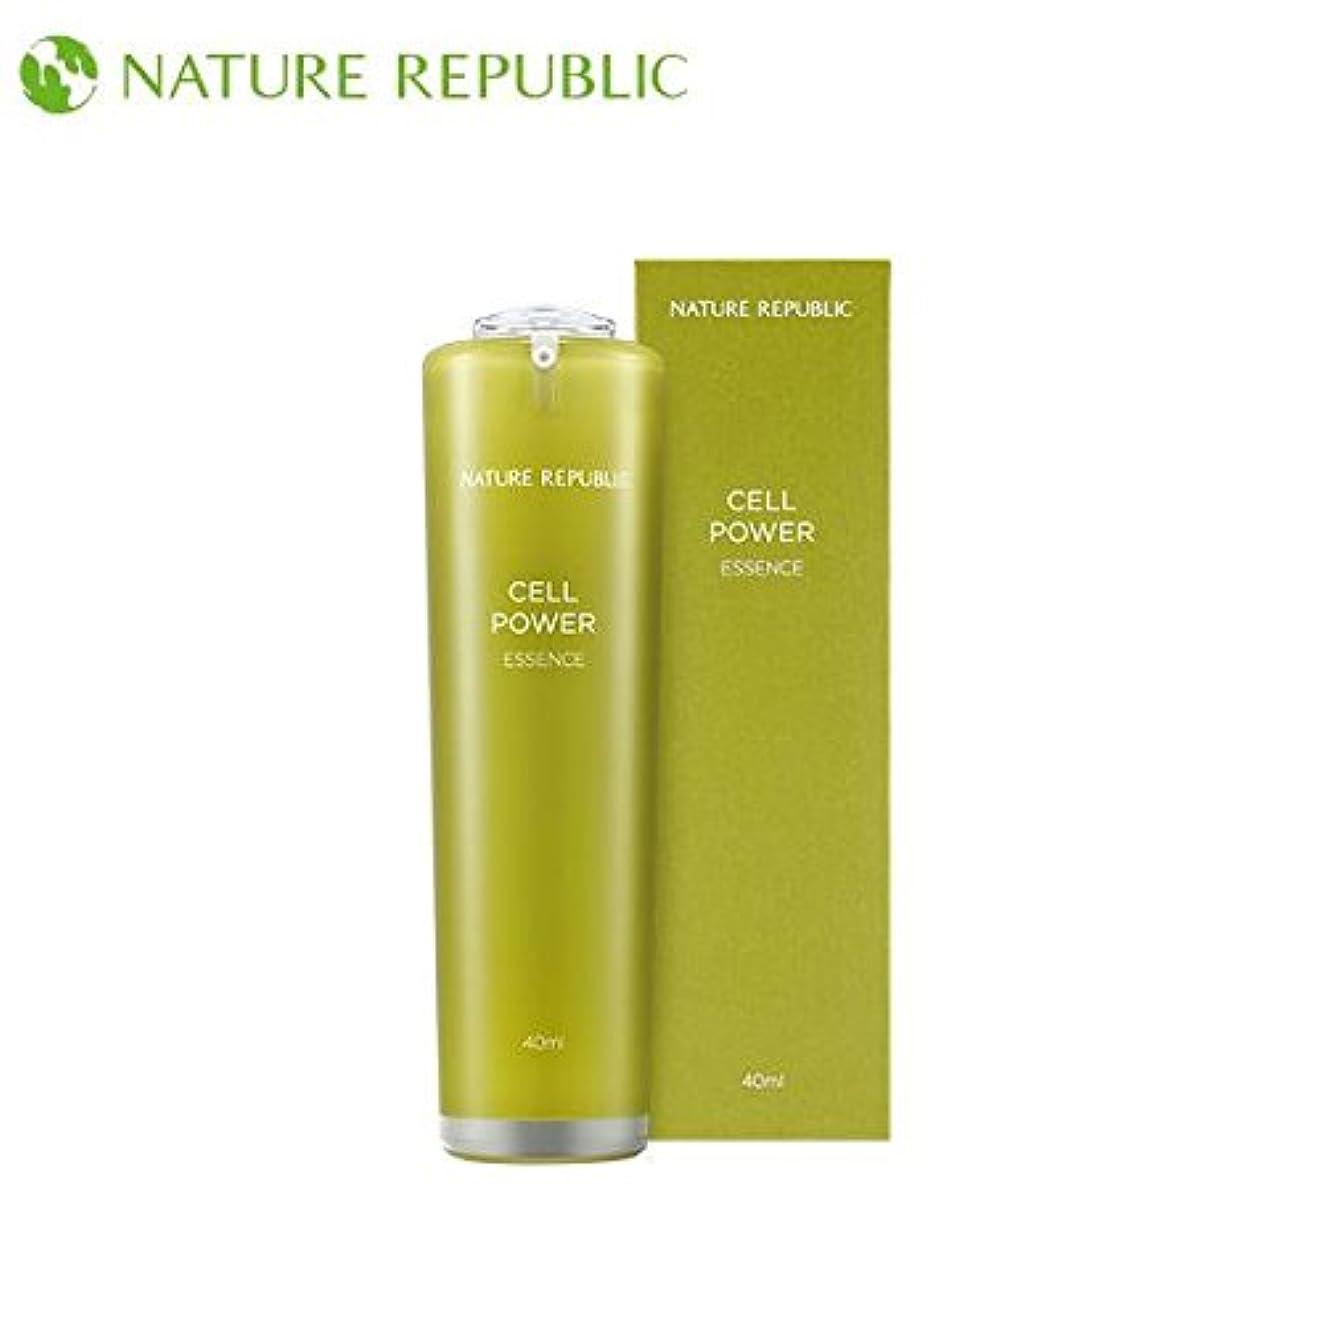 おしゃれなとにかくロデオ正規輸入品 NATURE REPUBLIC(ネイチャーリパブリック) CP エッセンス 美容液 40ml NJ1172